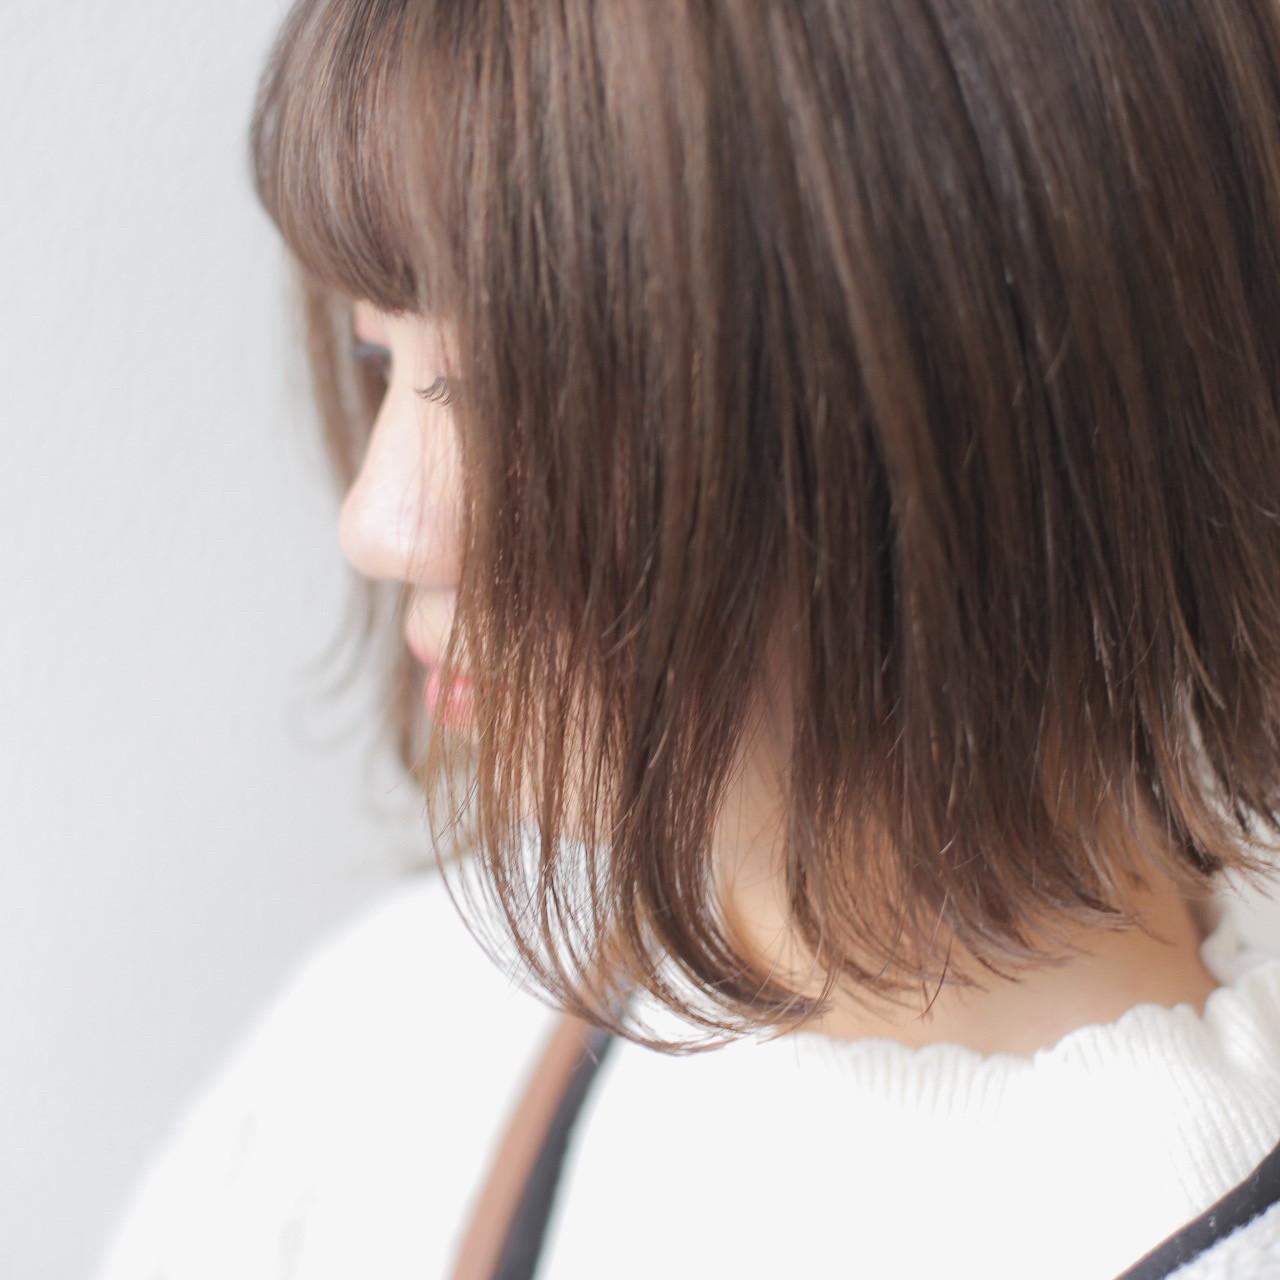 黒髪から1ブリーチでミルクティーベージュ♡ ミルクティーの少しくすんだ柔らかさが ポイント☆